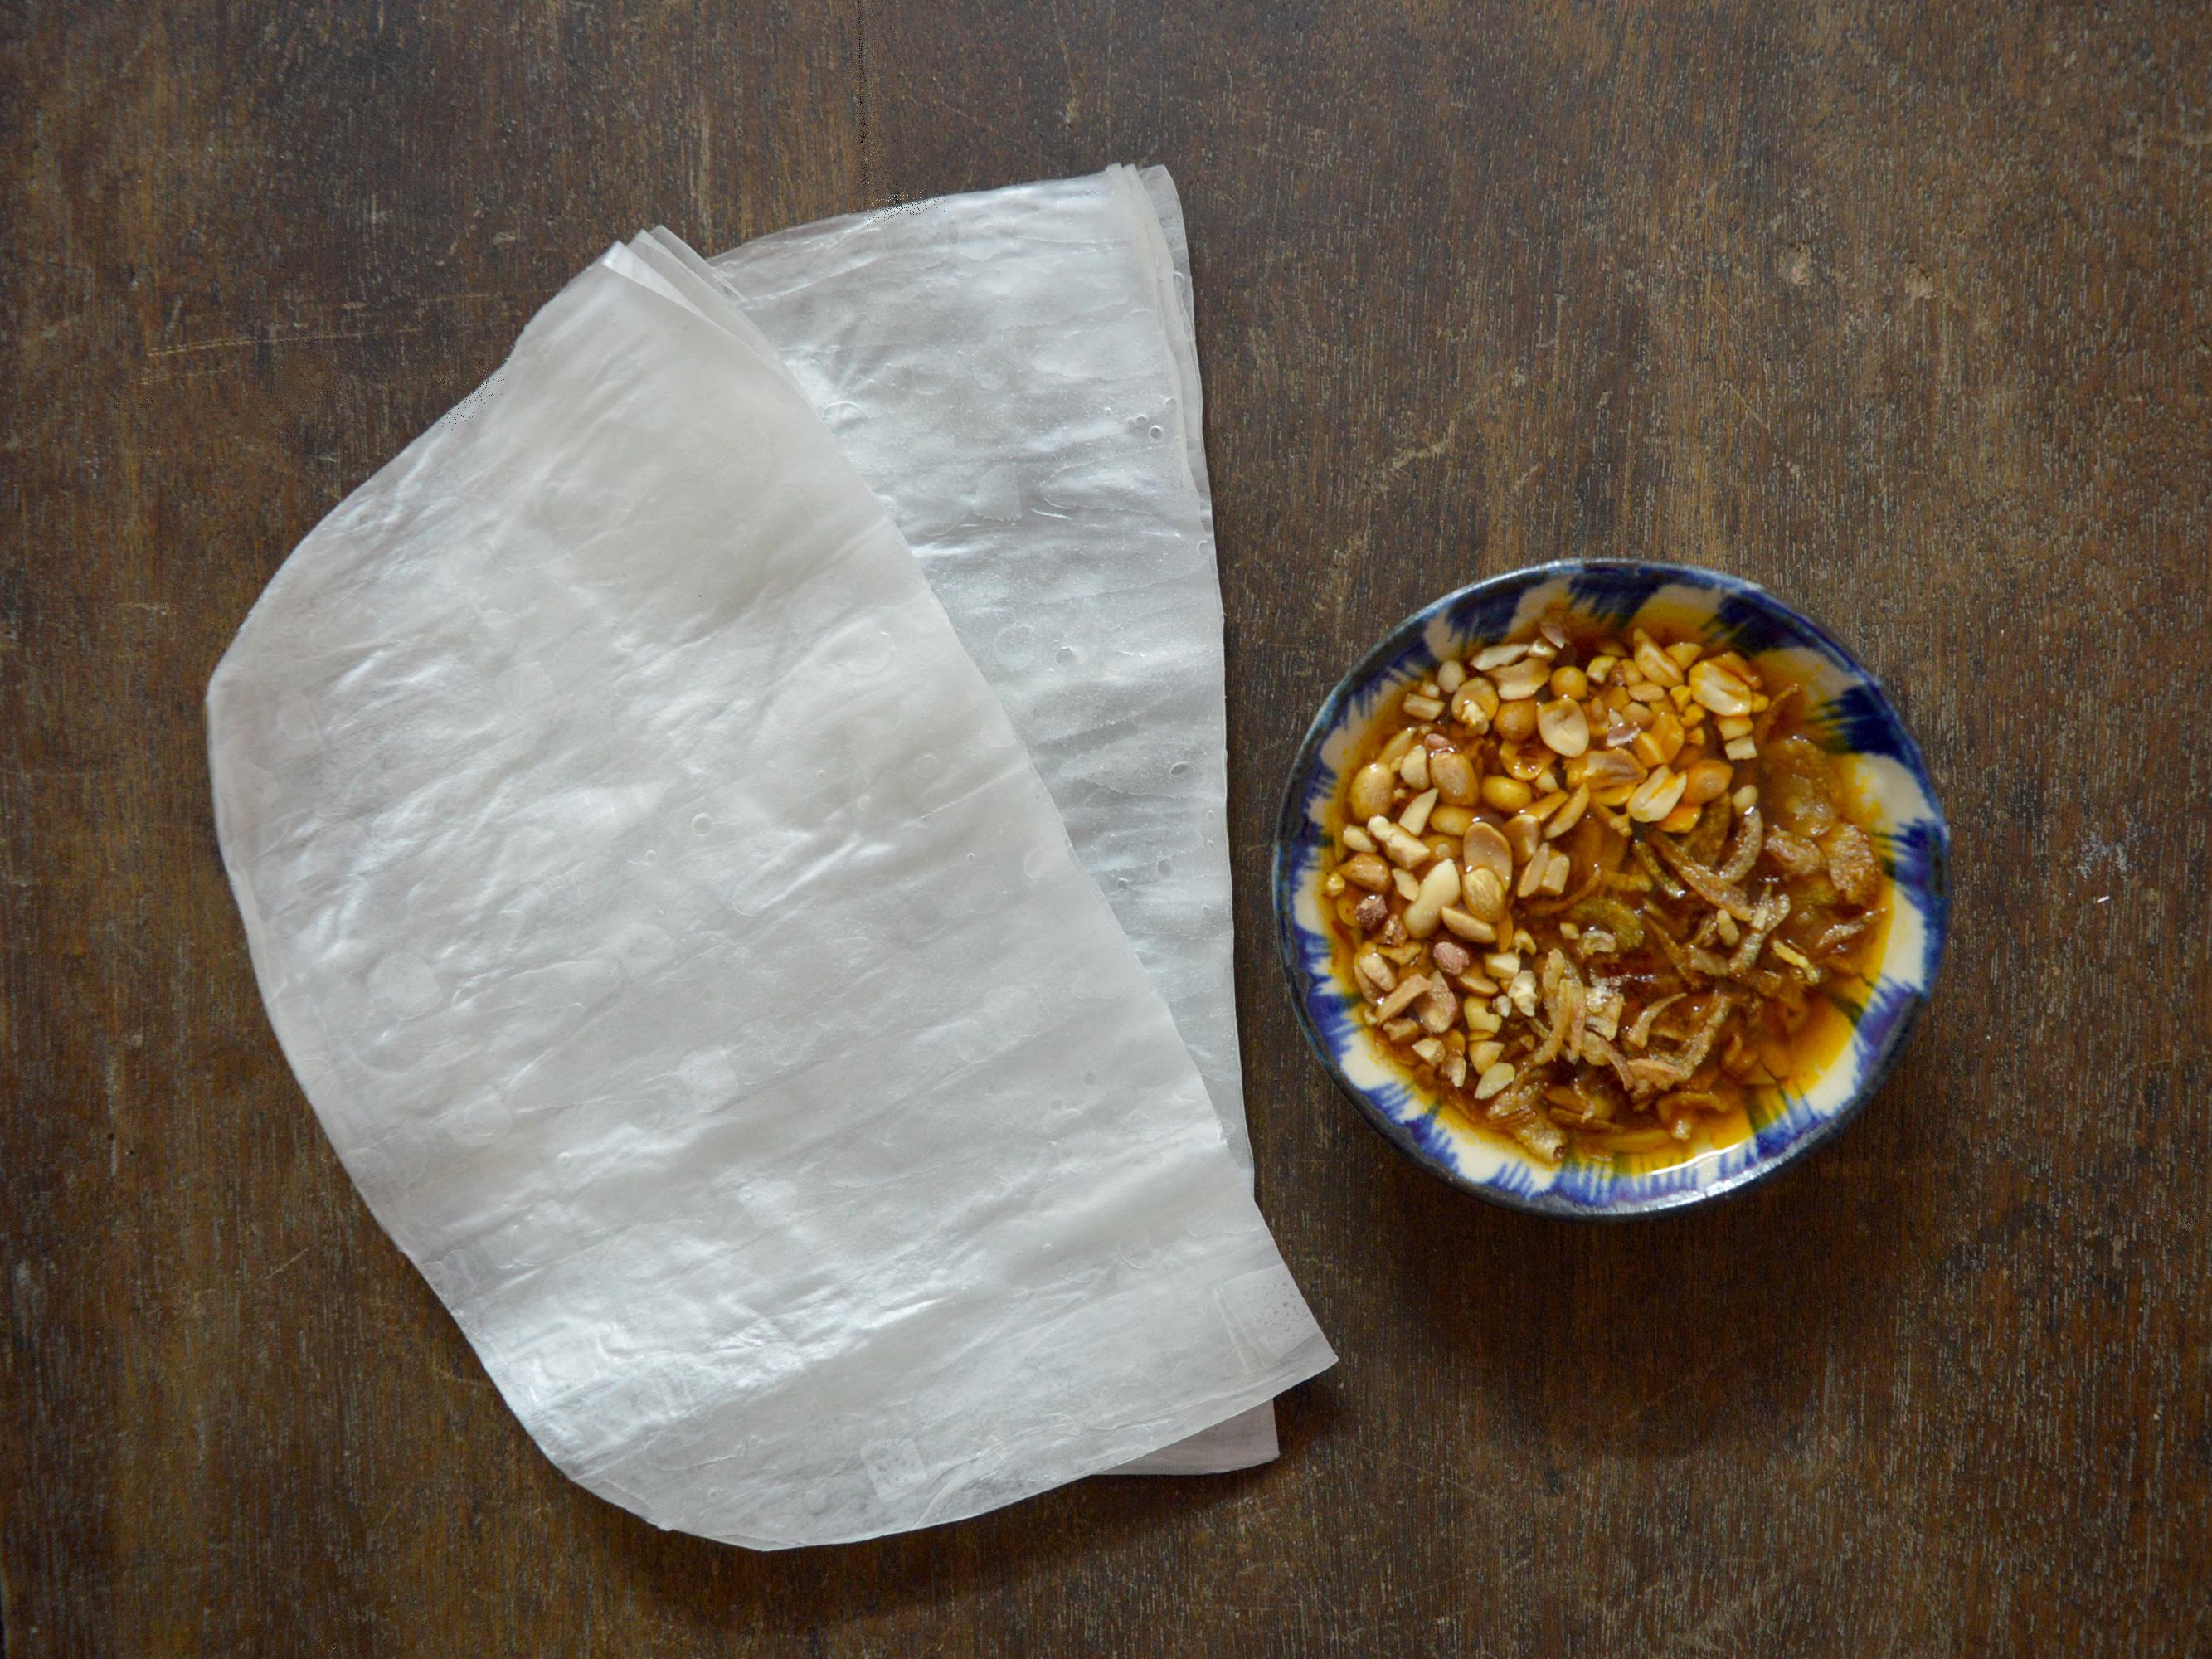 Carta di riso: uno scrigno leggero per ricette sfiziose - Edo Blog